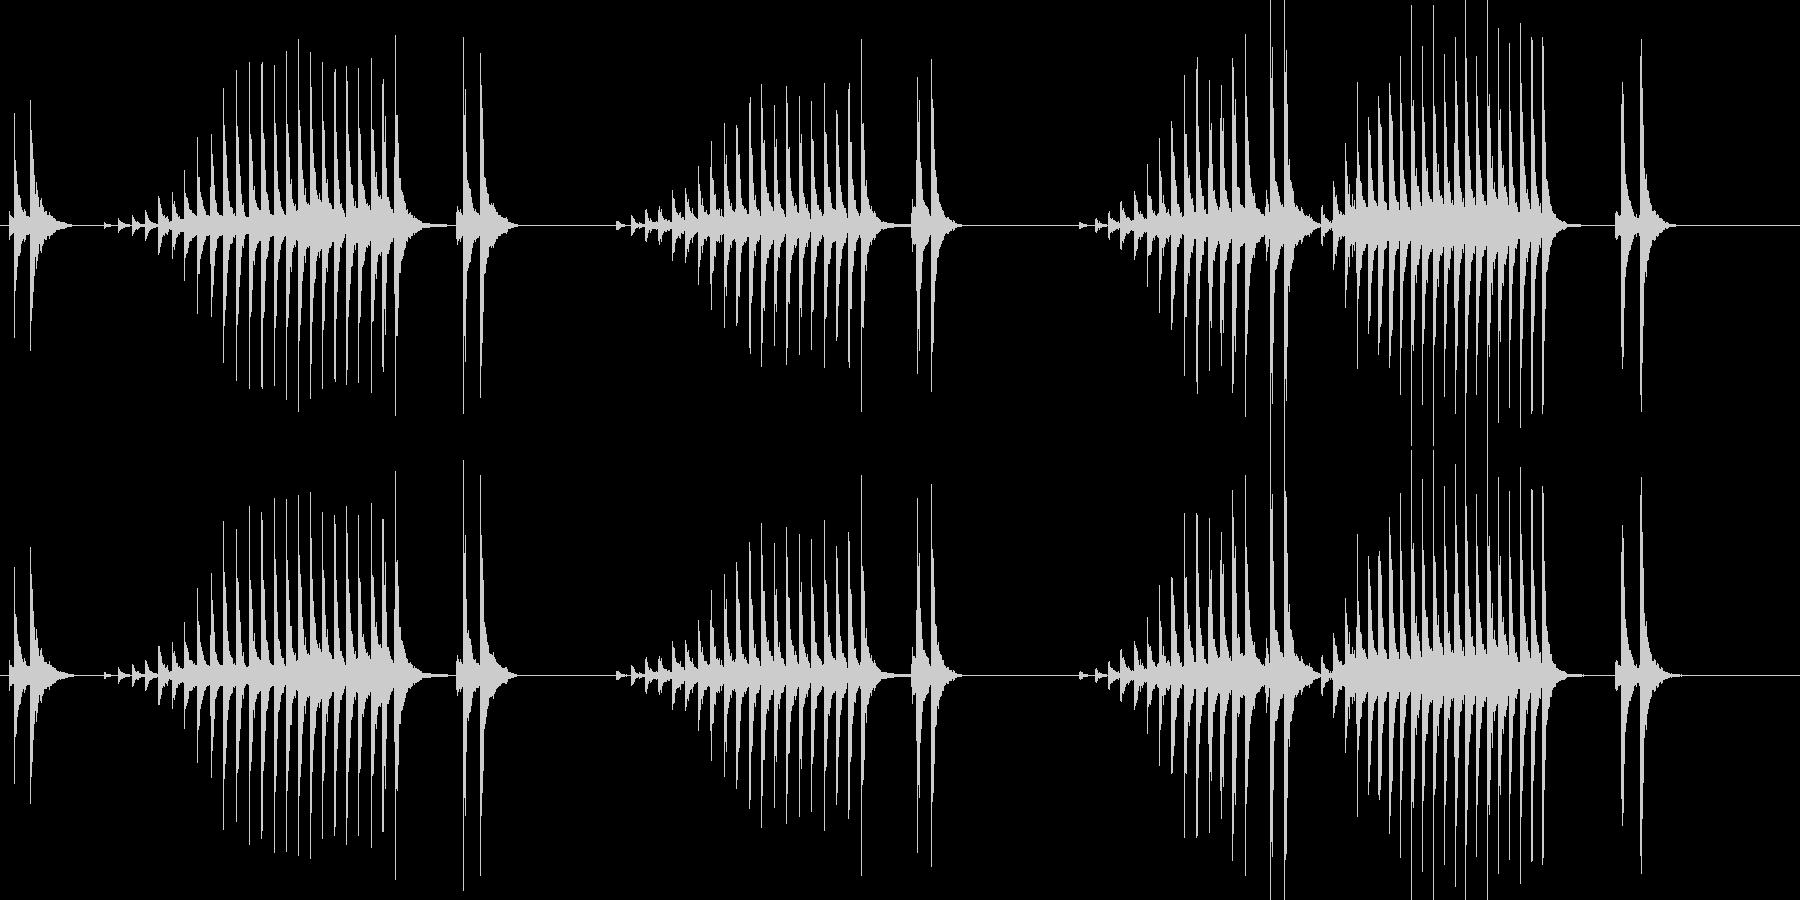 大太鼓19波音歌舞伎情景描写和風和太鼓江の未再生の波形